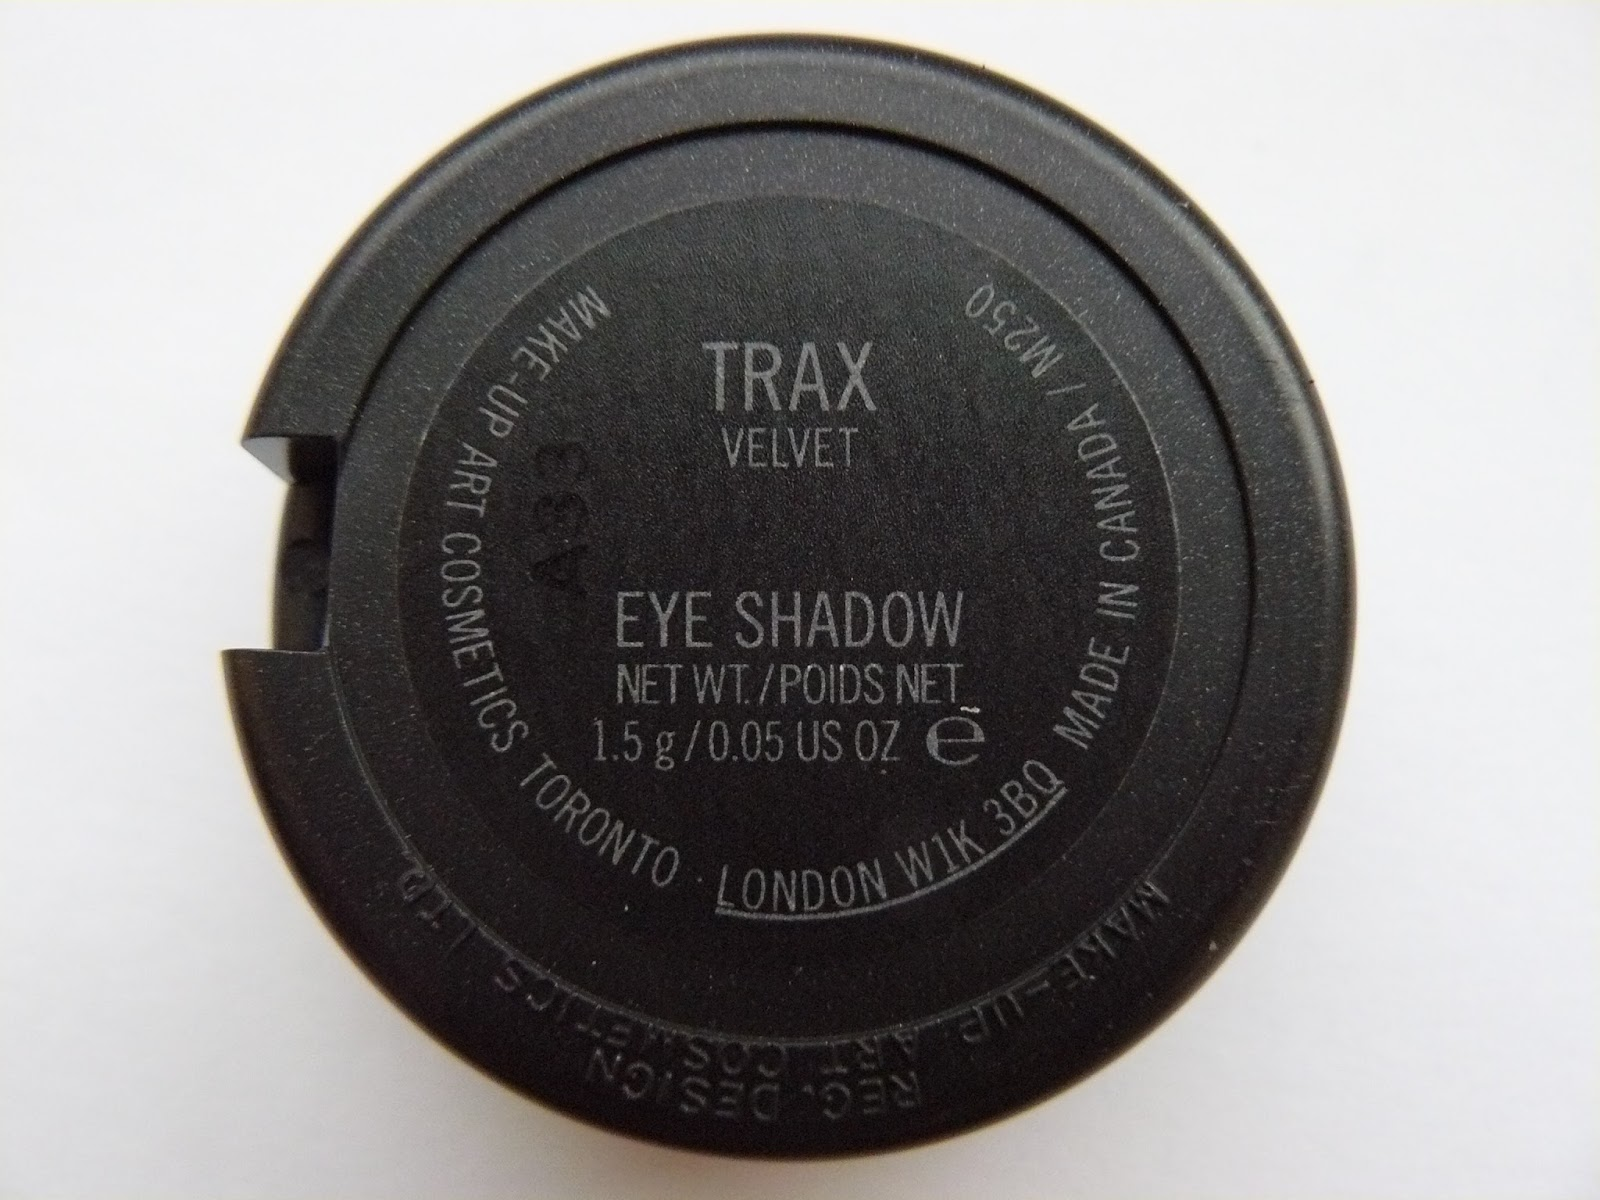 mac trax eyeshadow dupe - photo #34